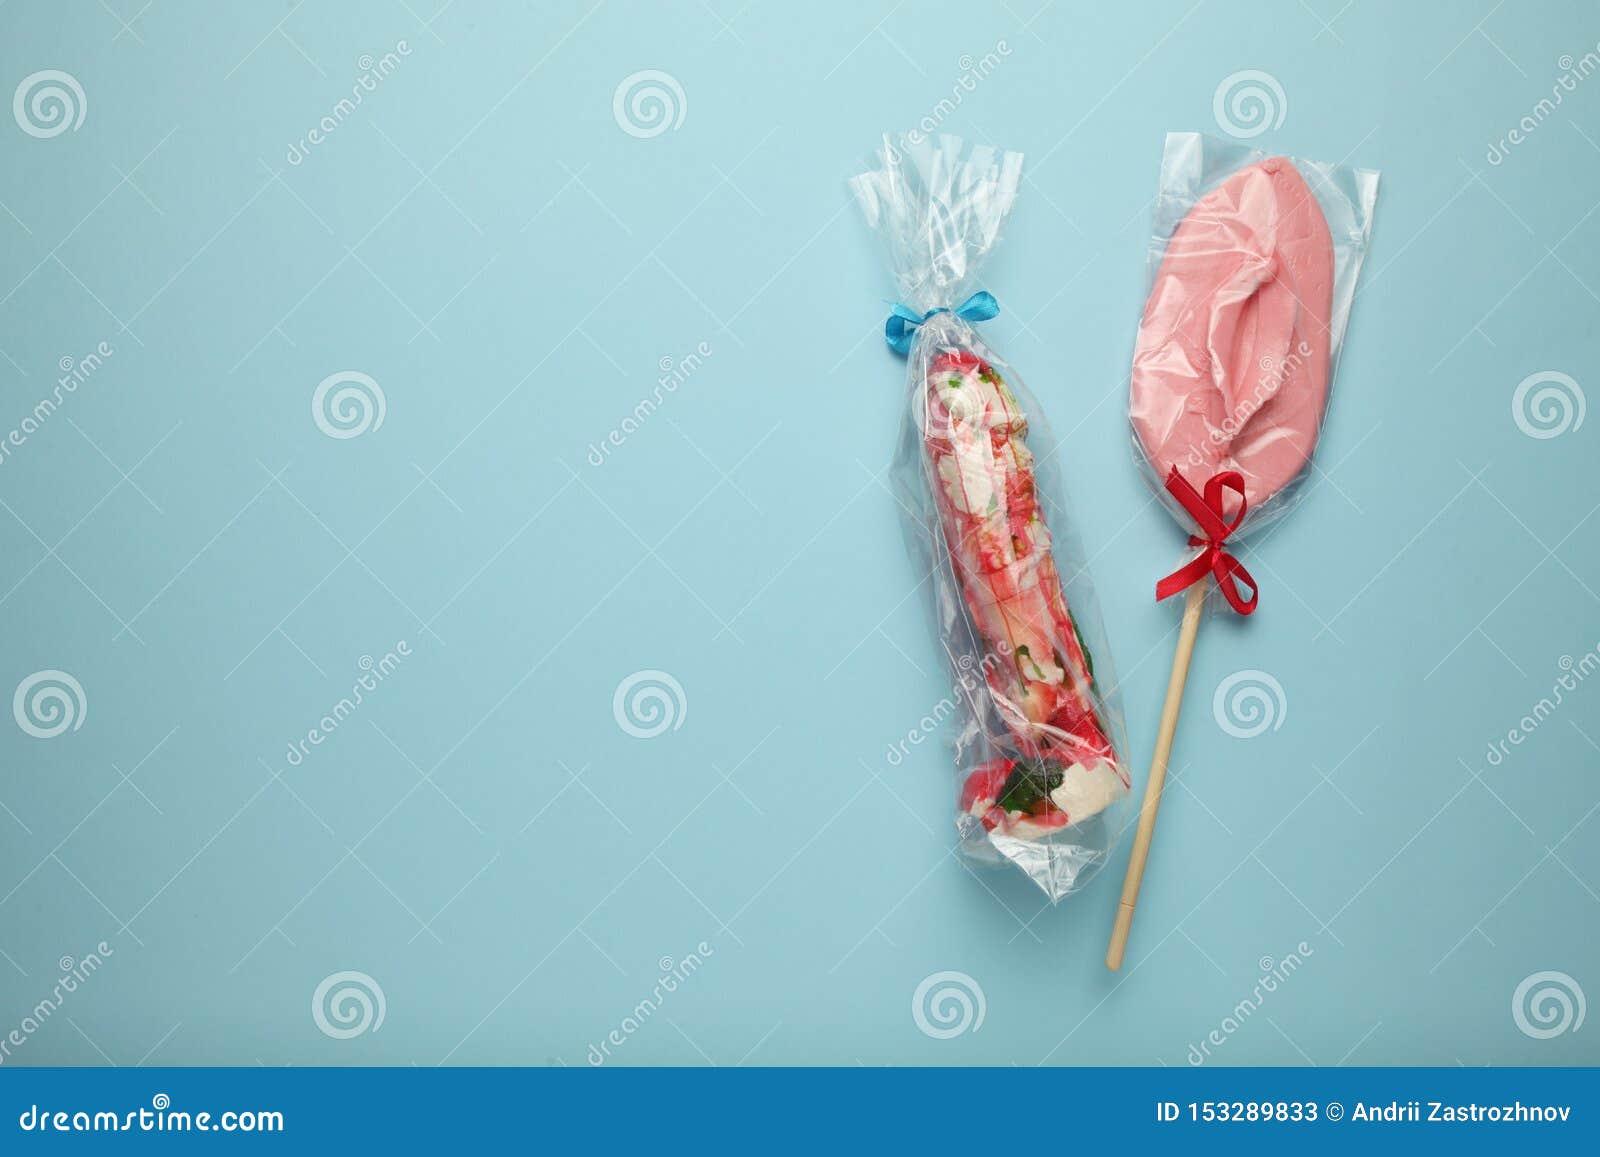 Zoet suikergoed twee in vorm van penis en vagina Seksuele verhouding als paar, foreplay en genoegen